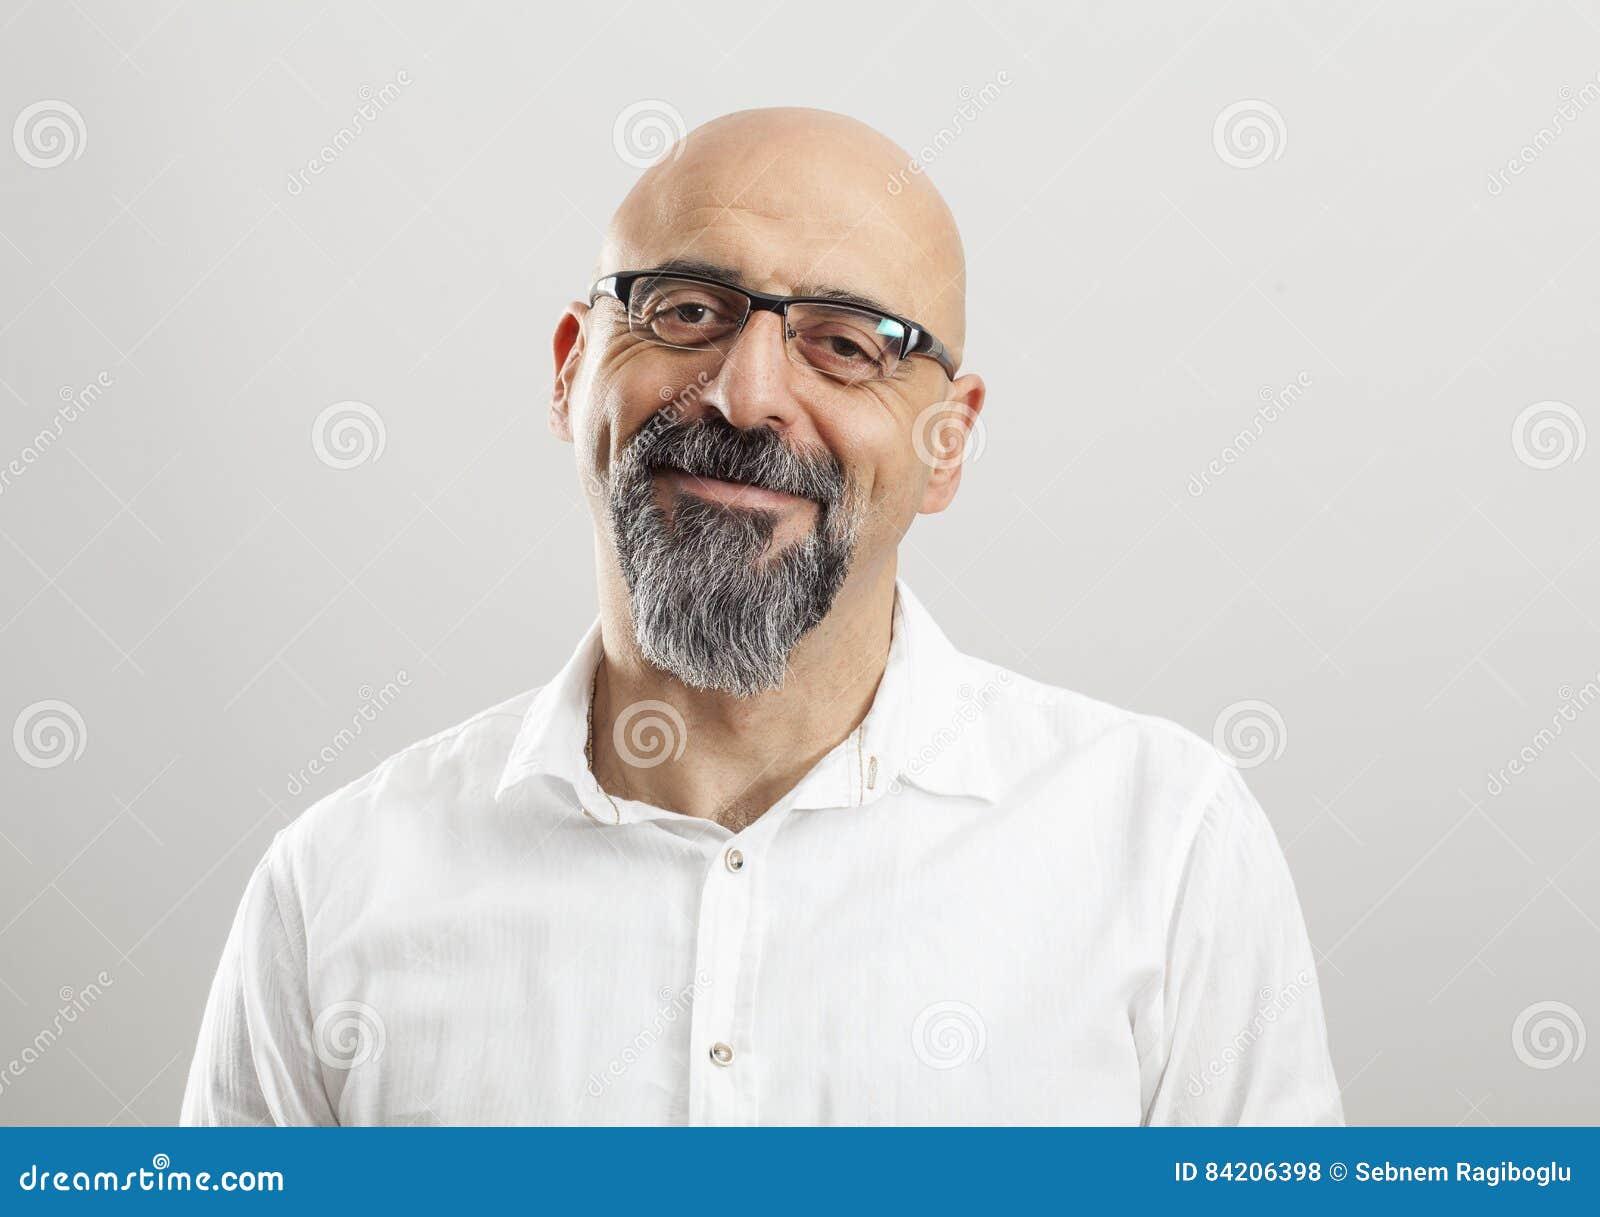 Aged man middle portrait